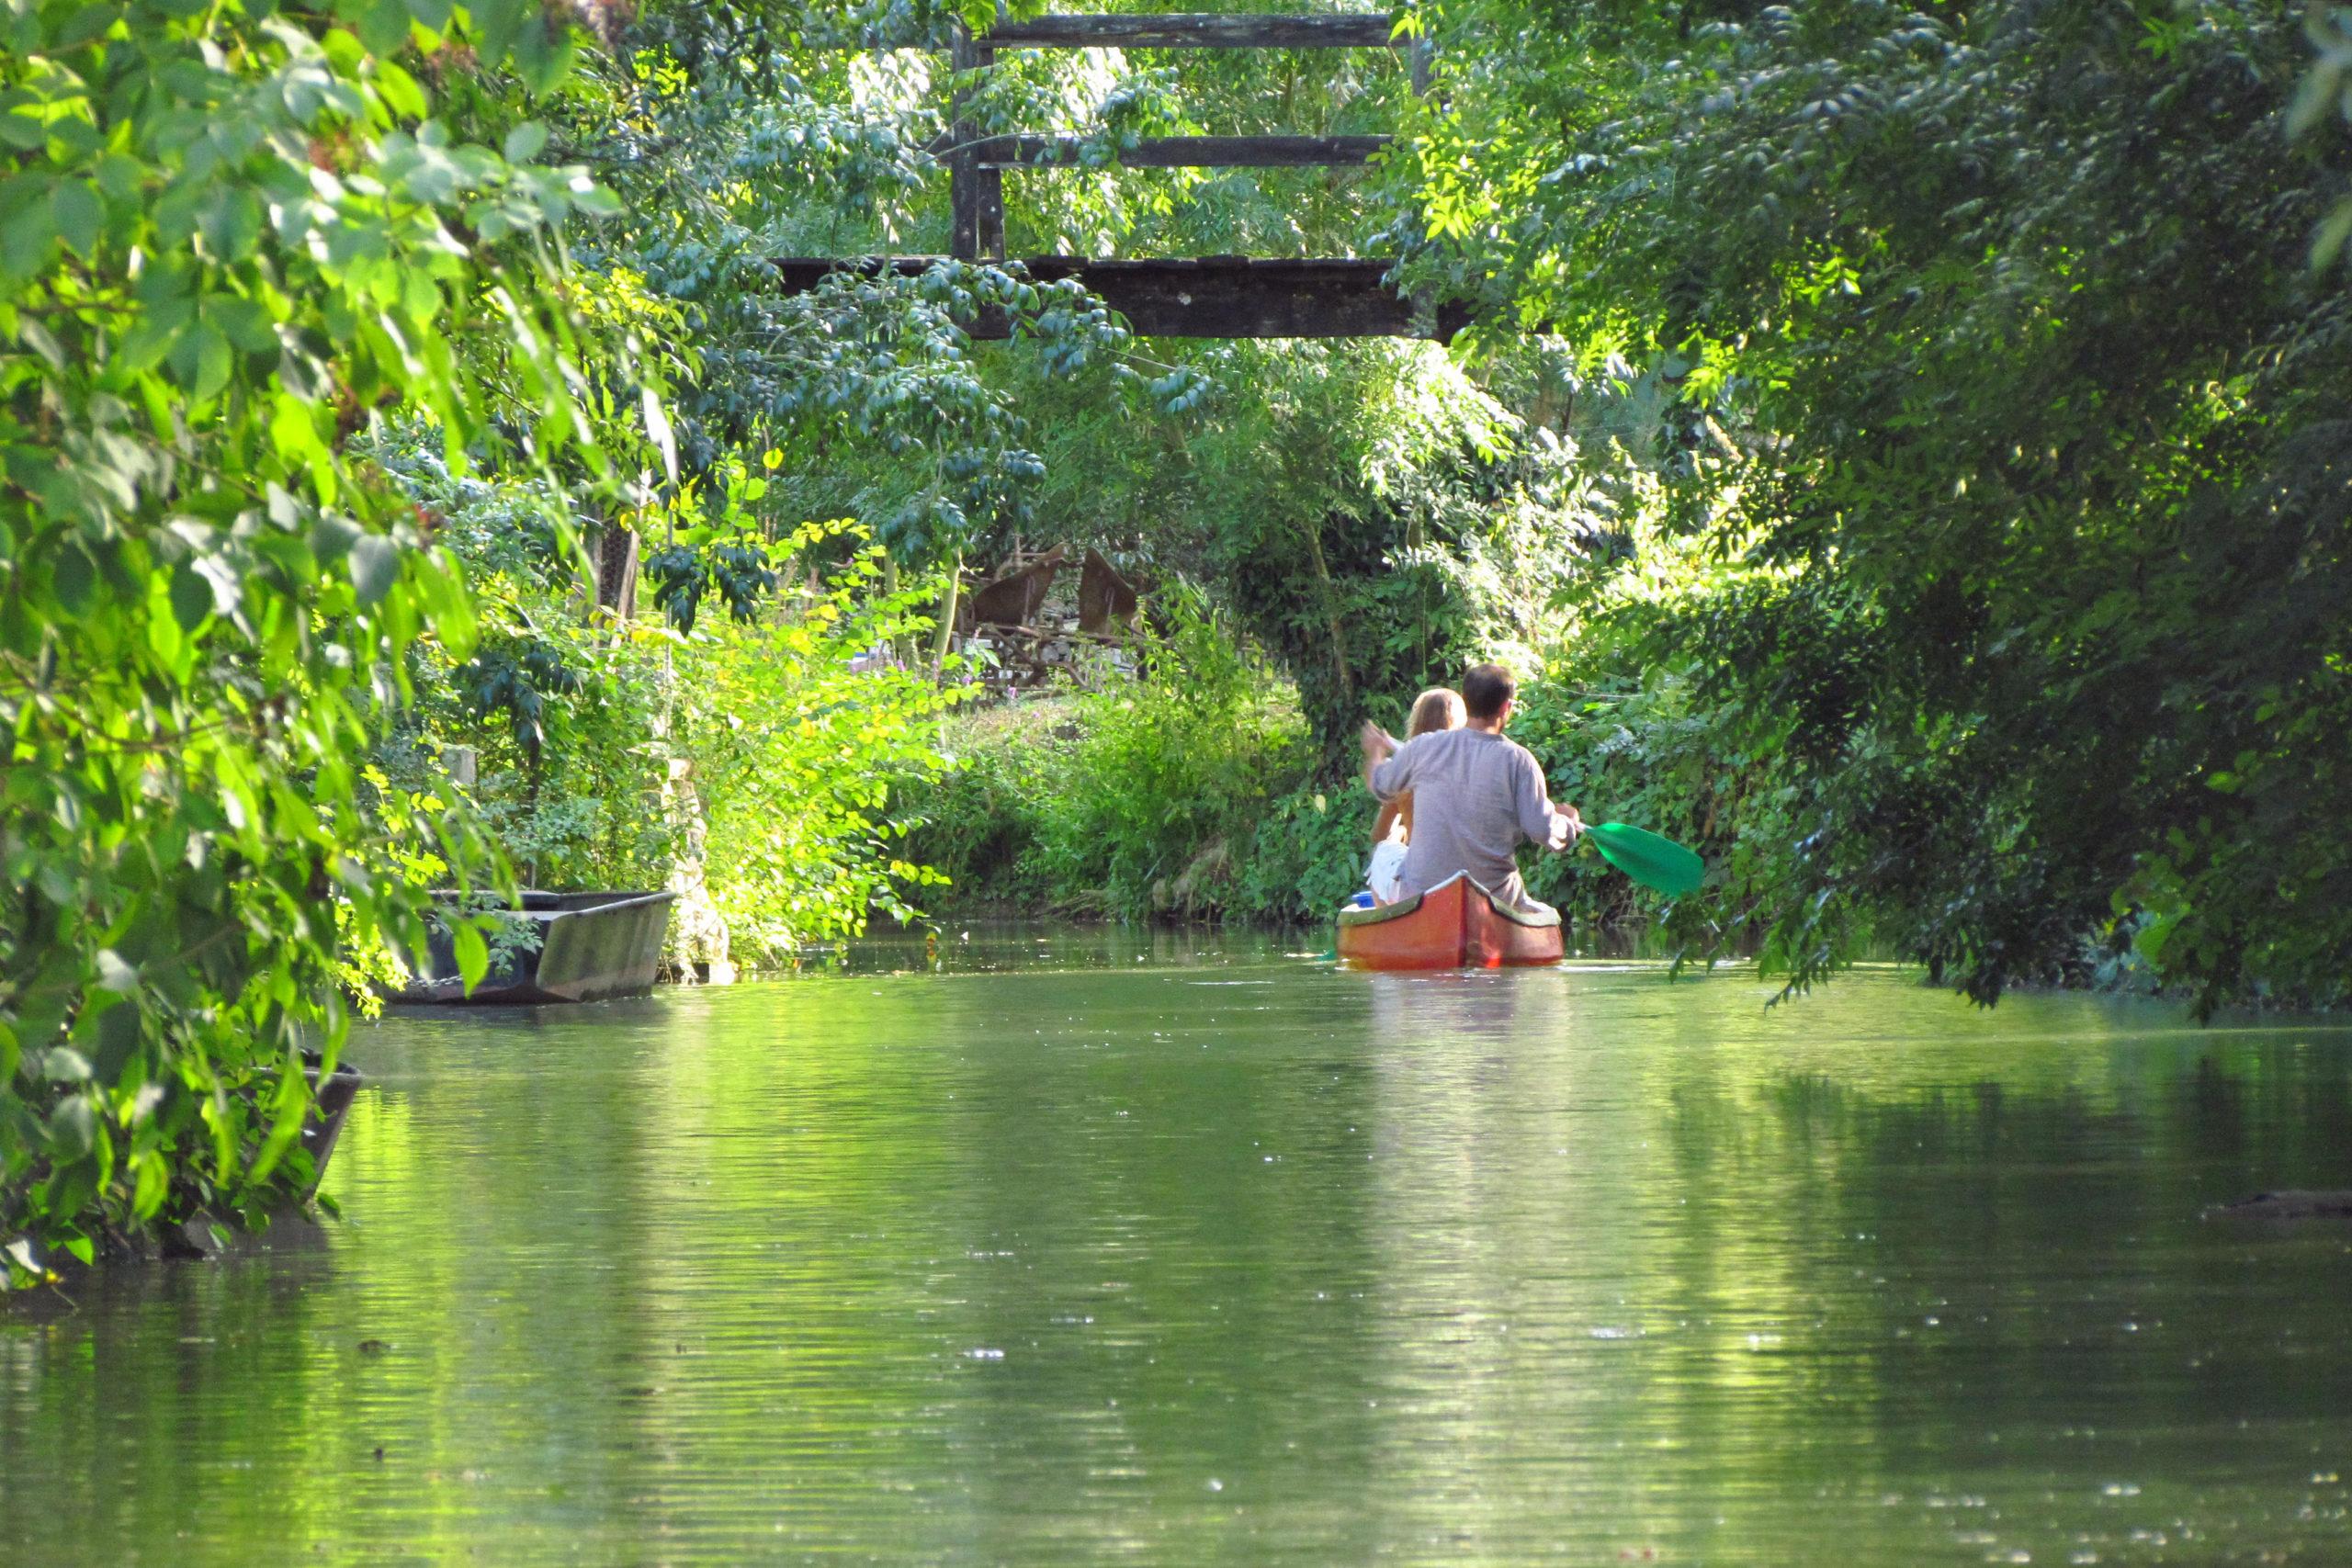 Pormenade en canoë dans le Marais poitevin